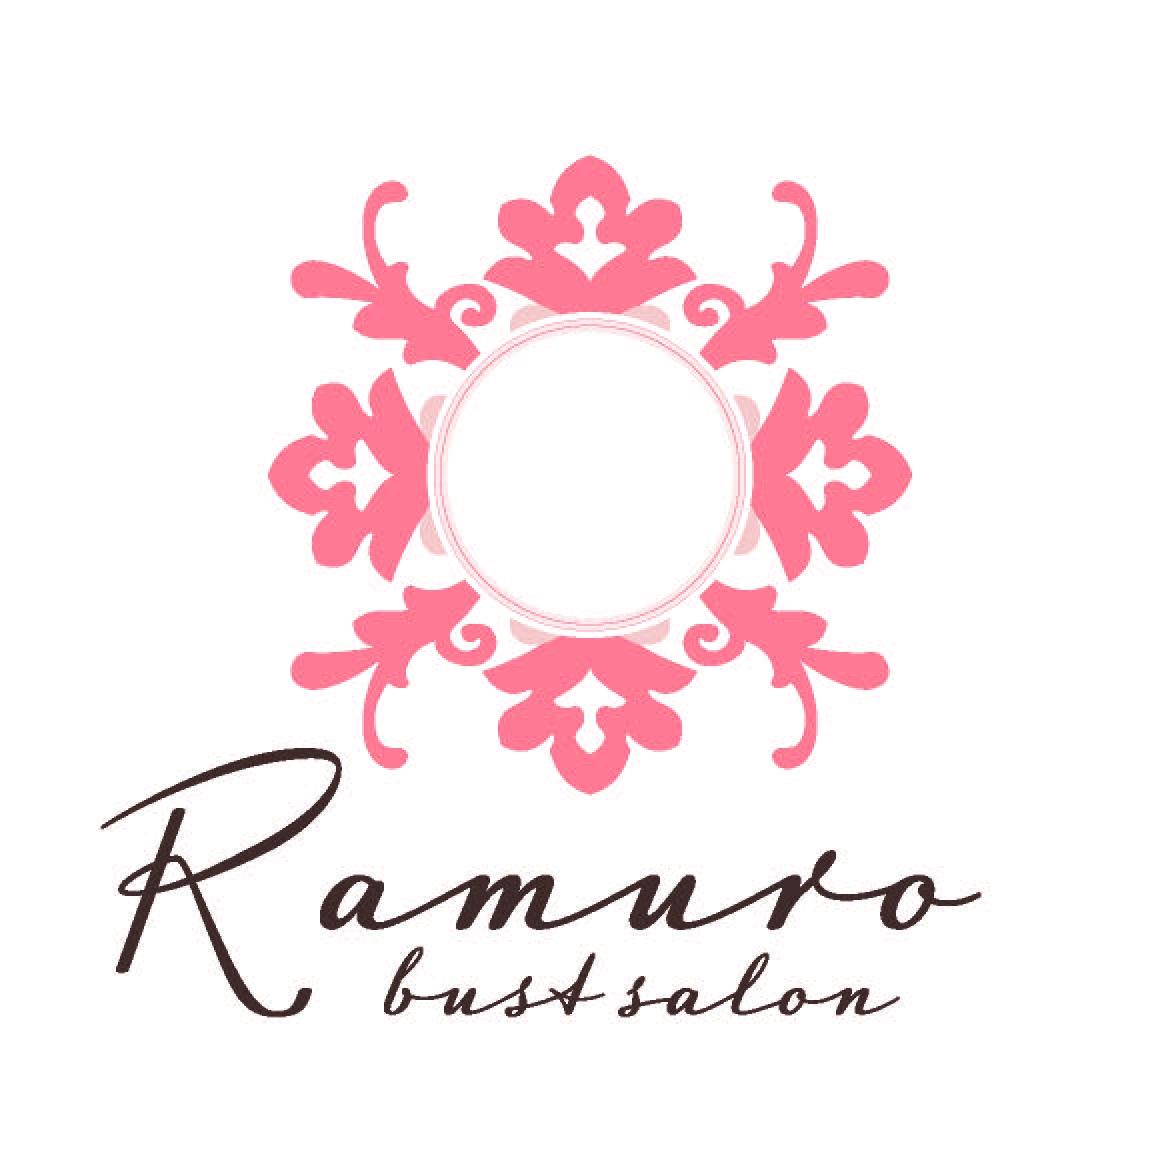 ramuro